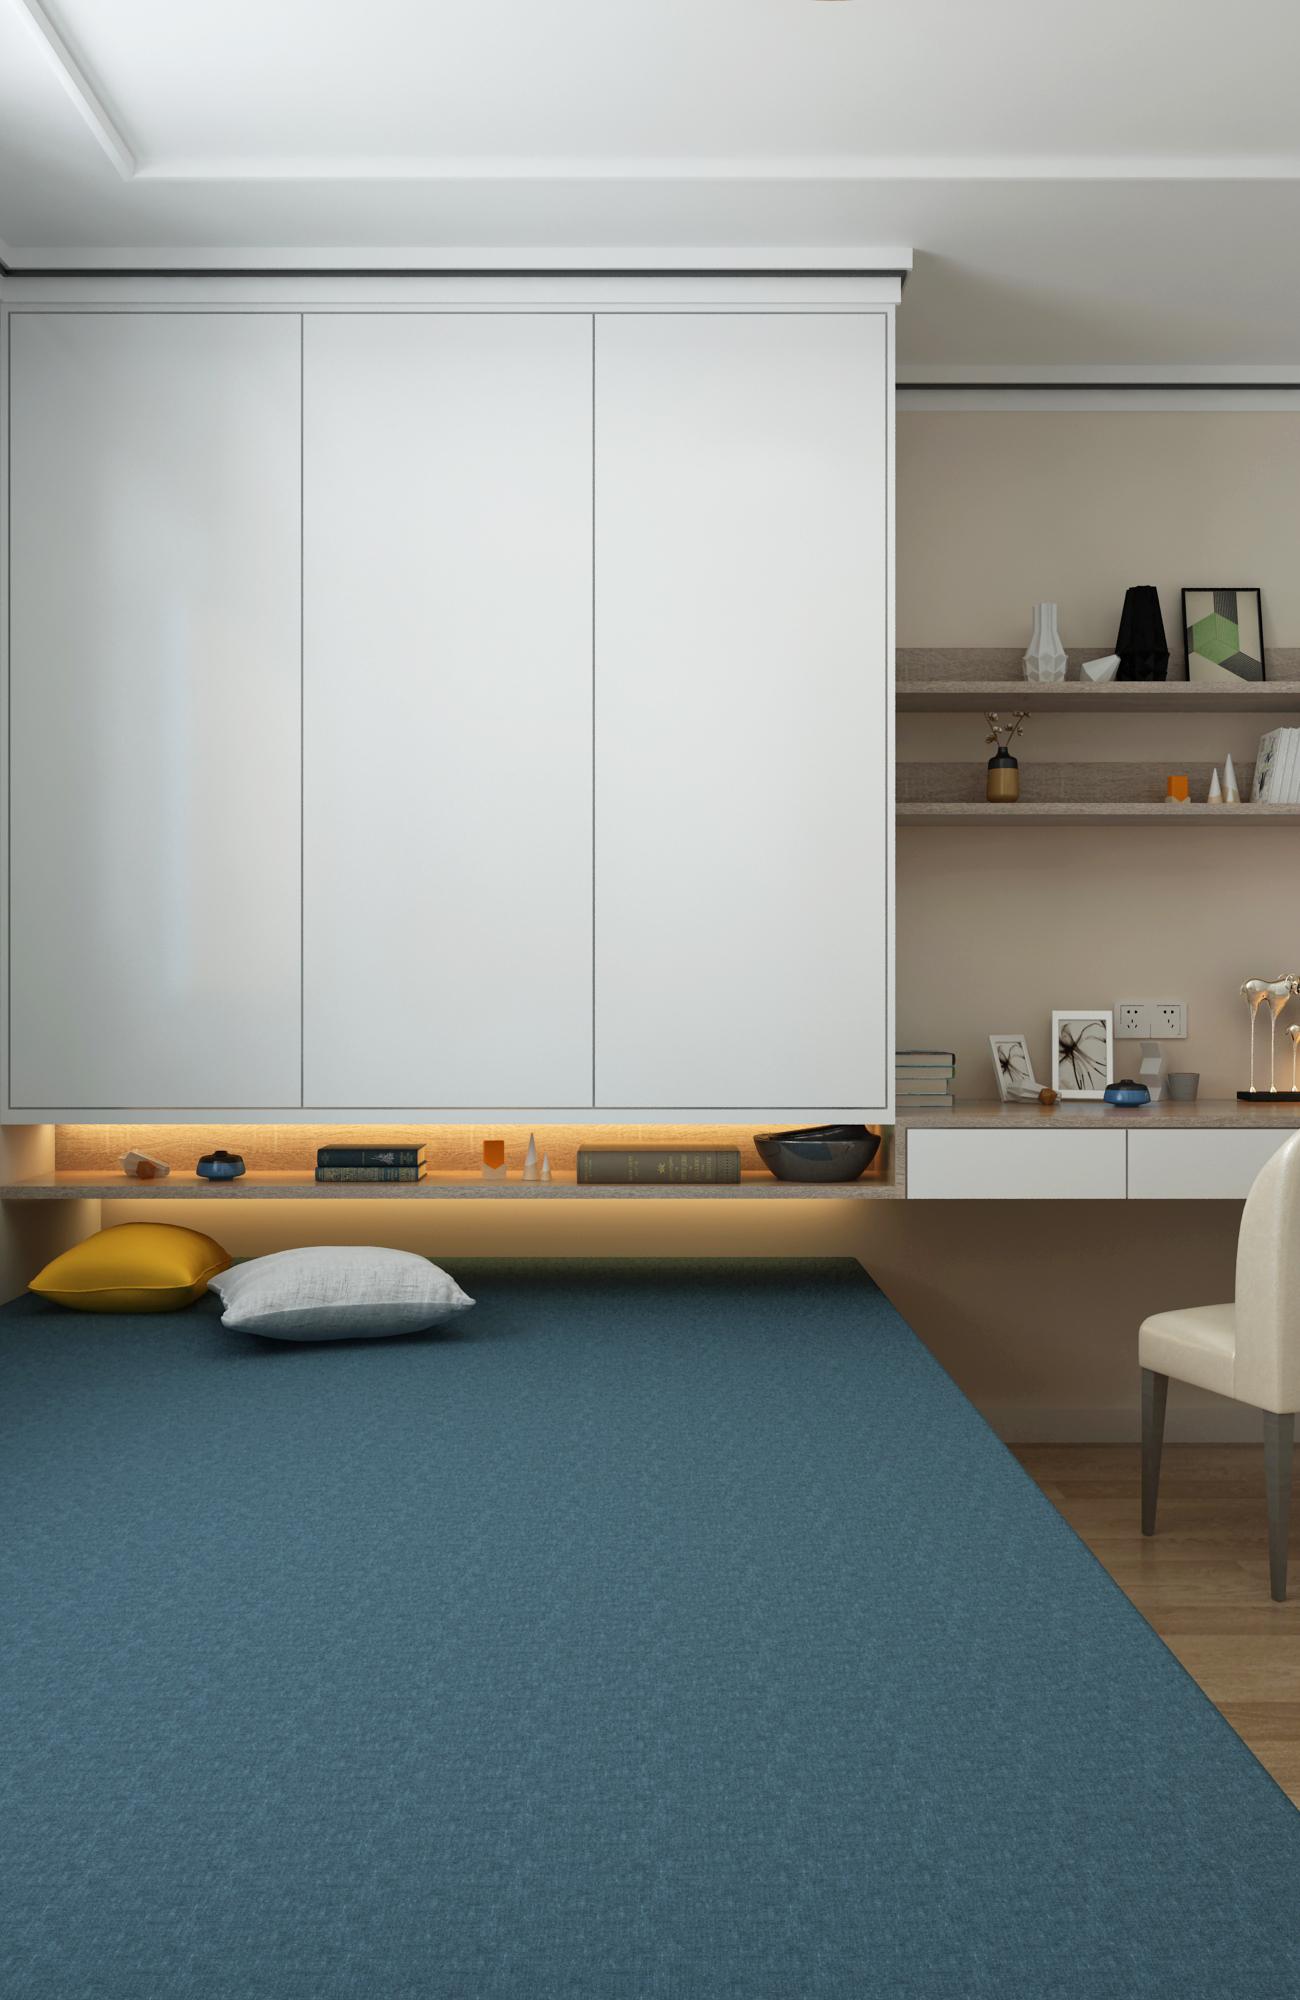 现代简约二居榻榻米卧室装修效果图